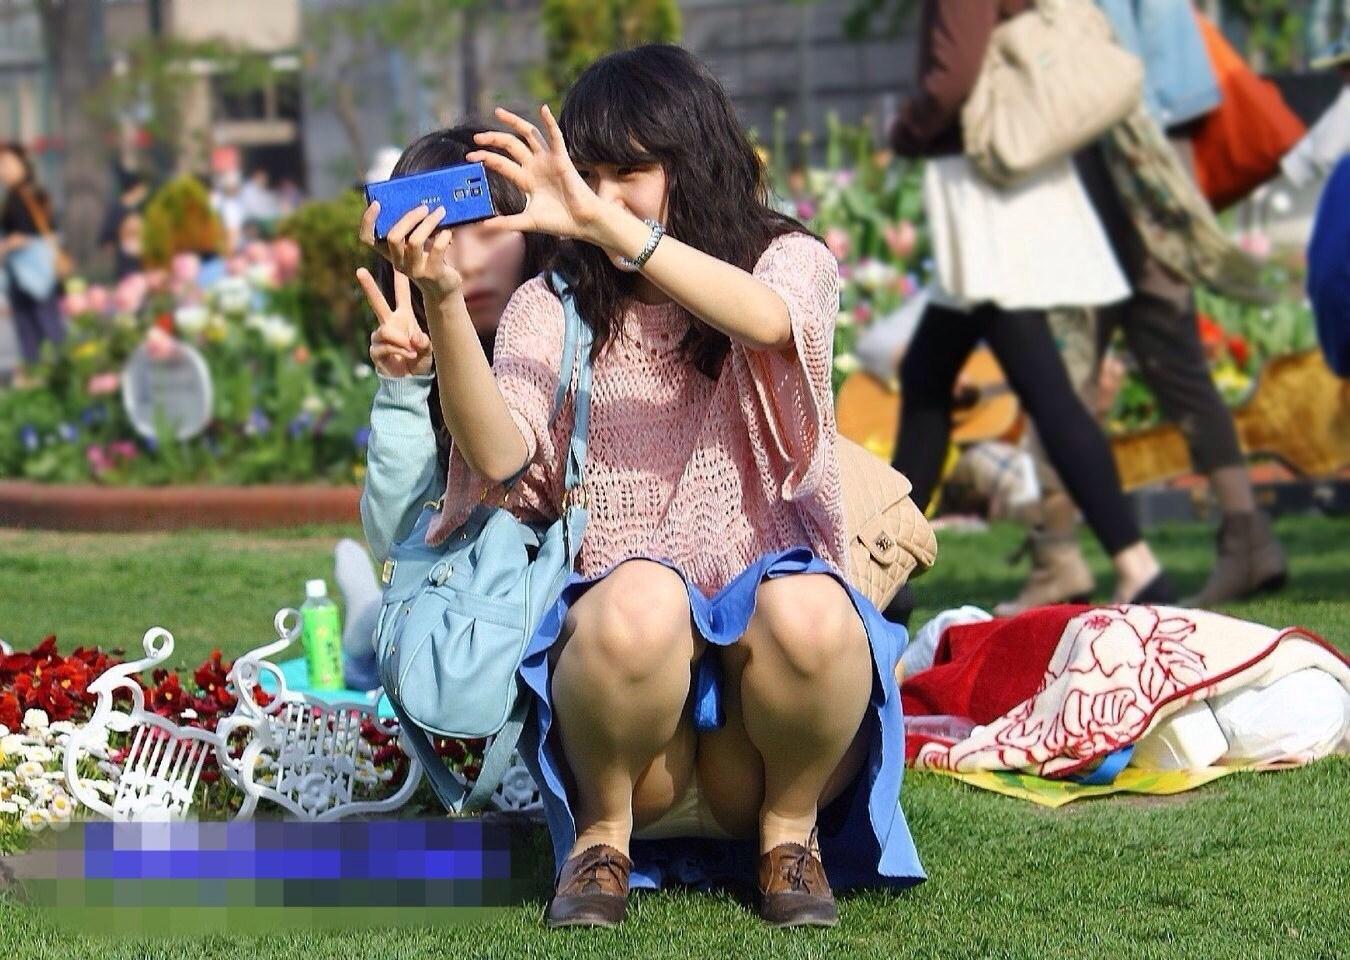 (パンツ丸見え)花見・宴会とかお股がゆるゆるになってるシロウト達のパンツ丸見え写真